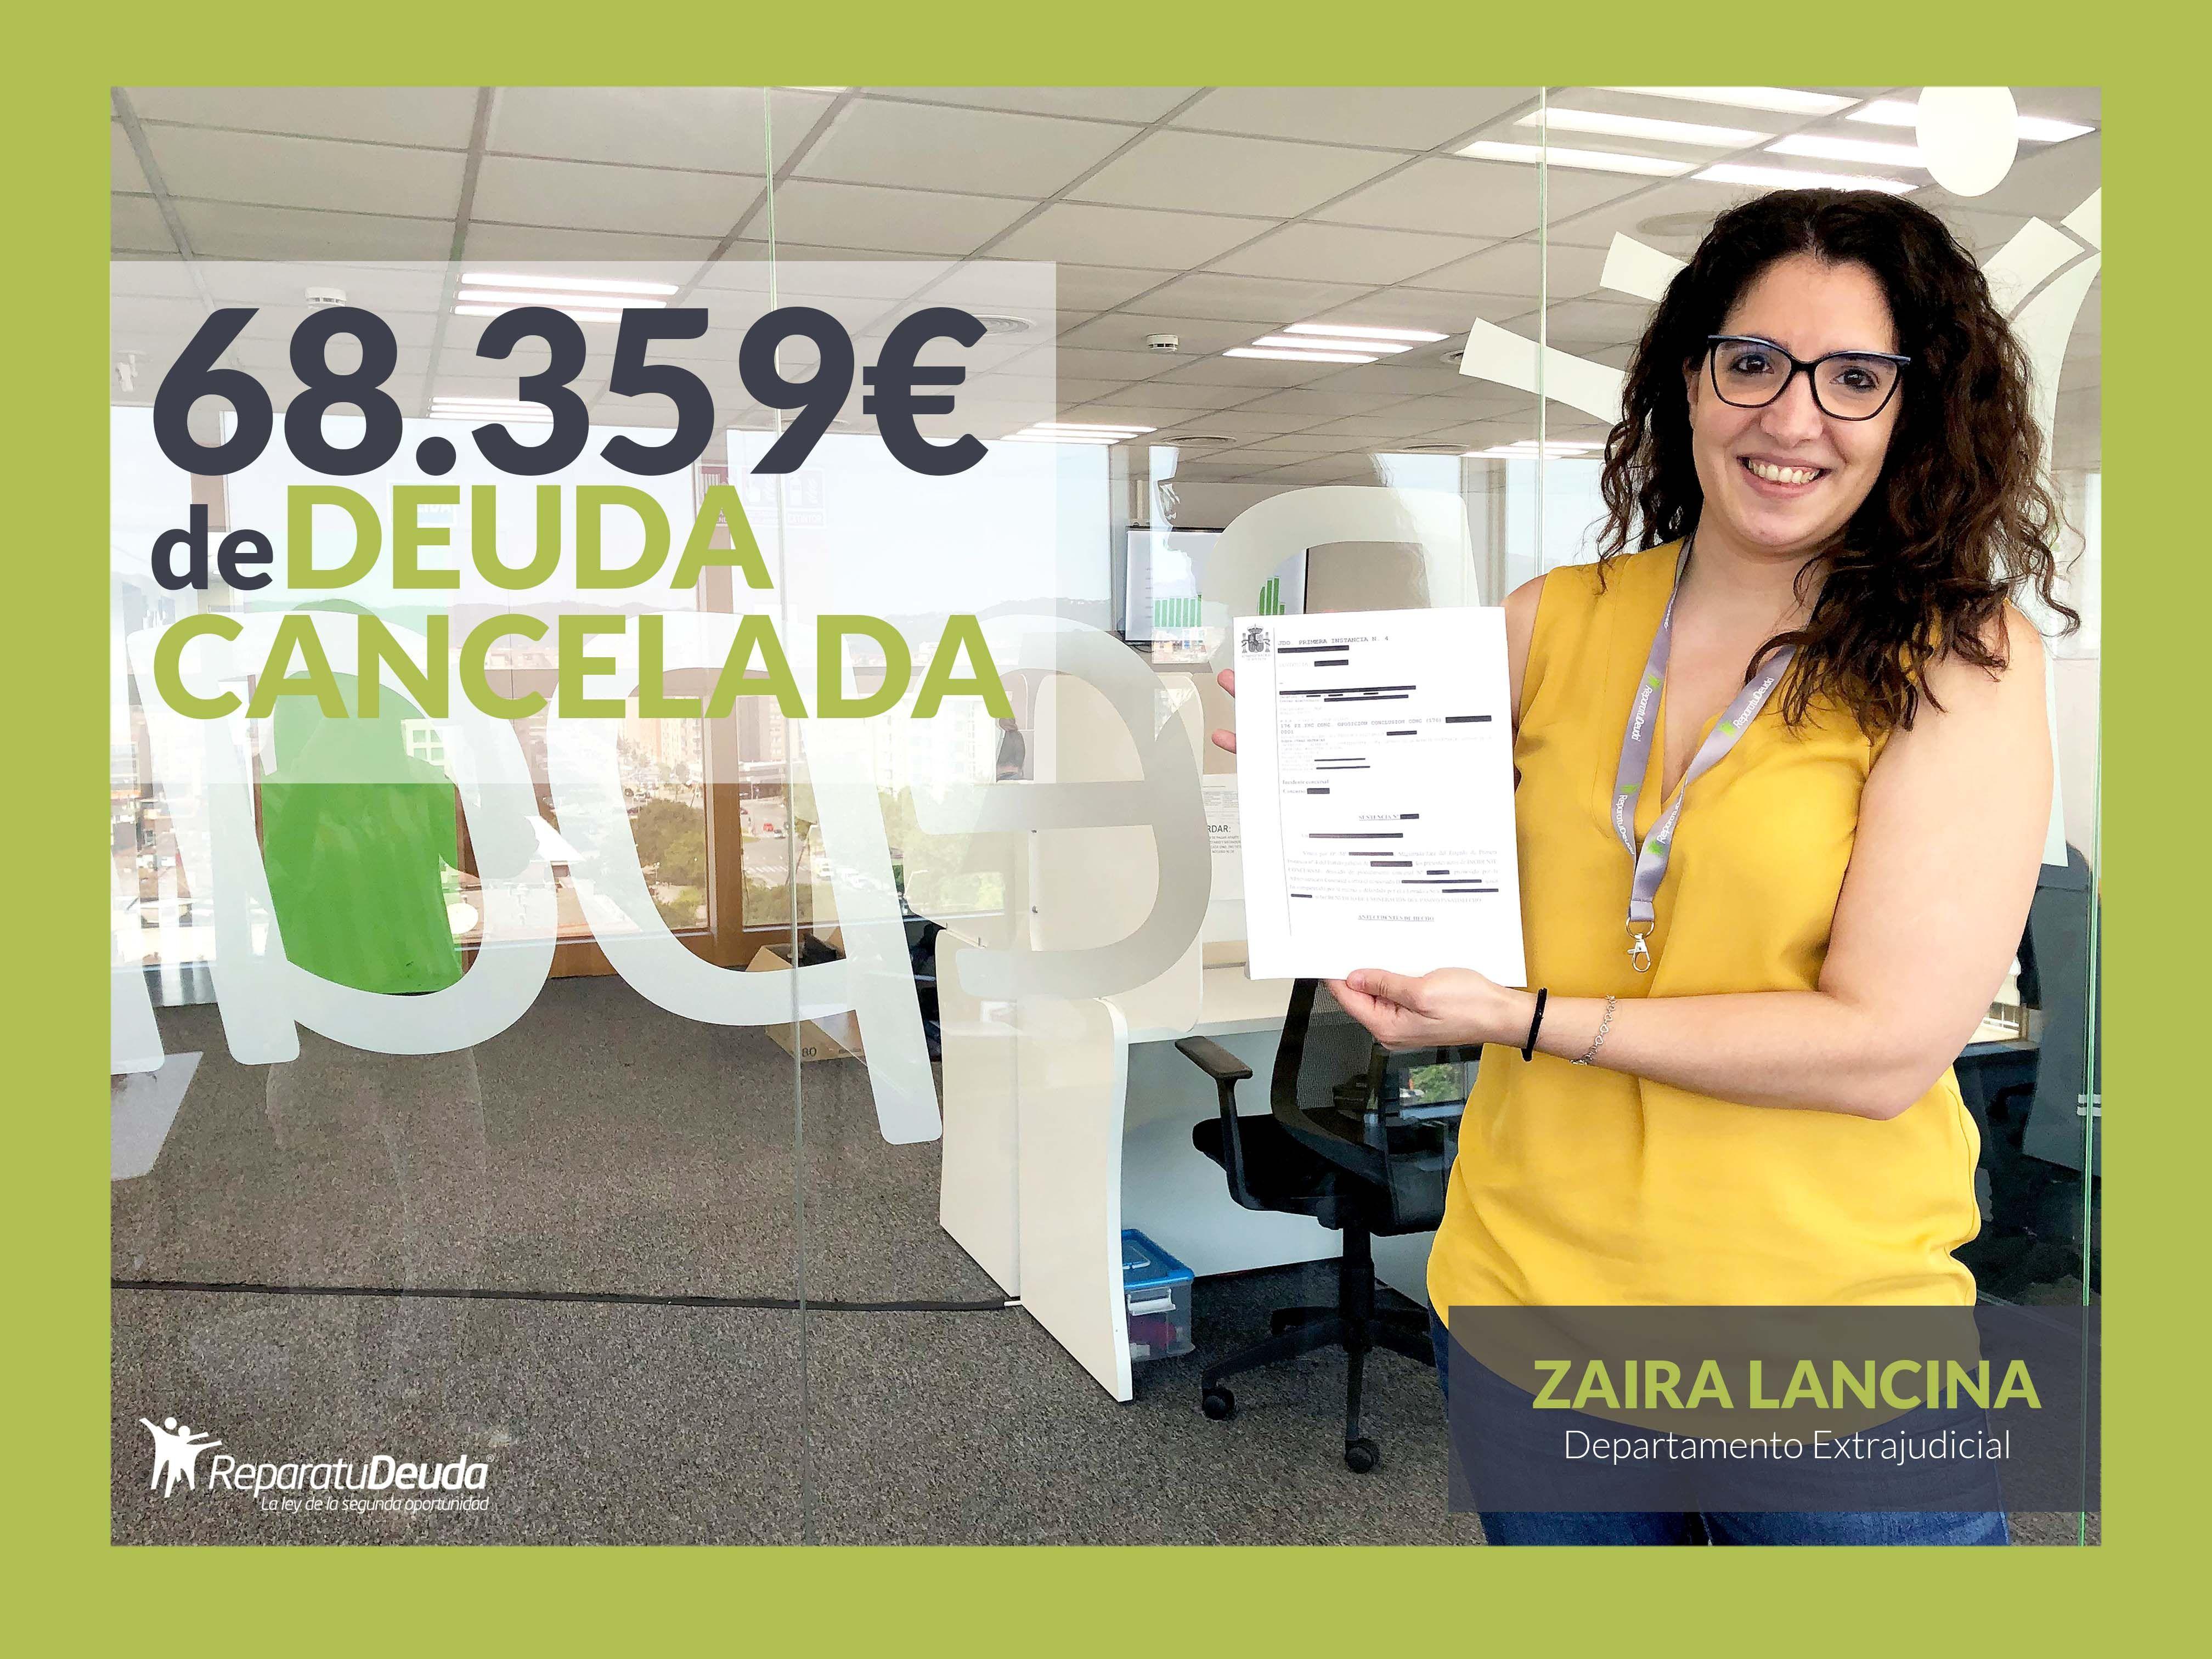 Repara tu Deuda Abogados cancela 68.359 ? en Badalona (Barcelona) con la Ley de Segunda Oportunidad